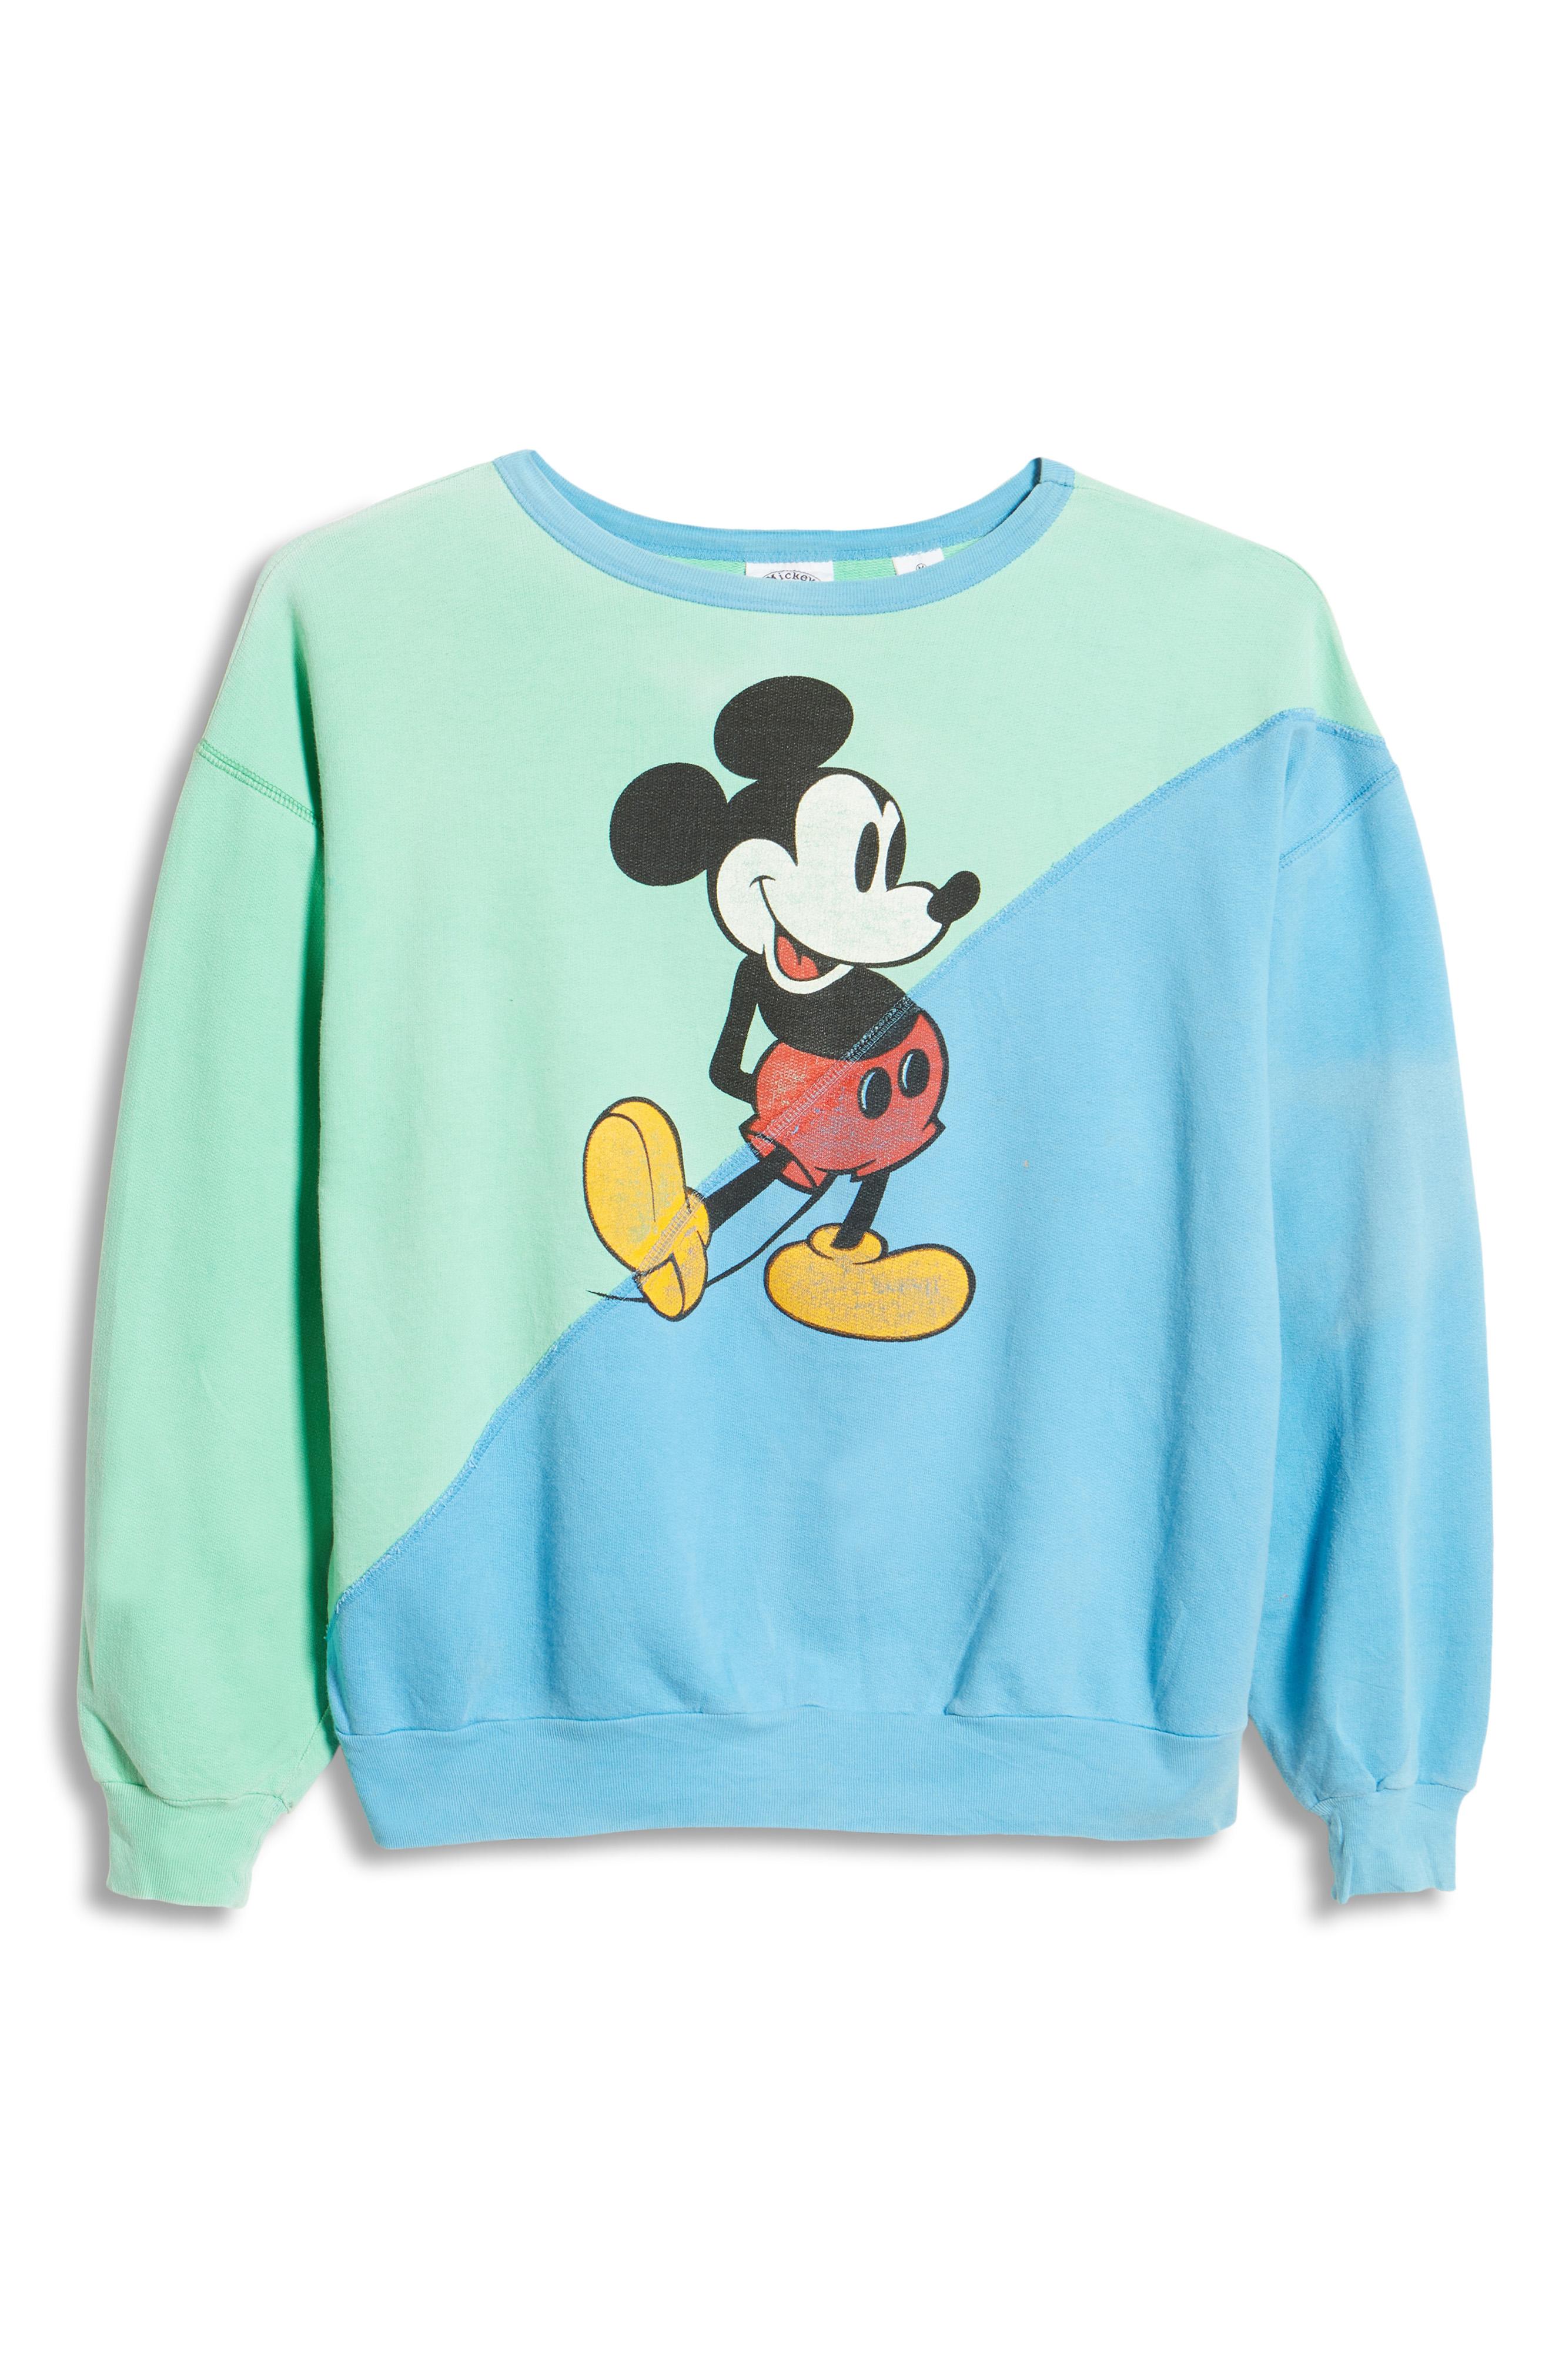 Epidemic Mickey sweatshirt.